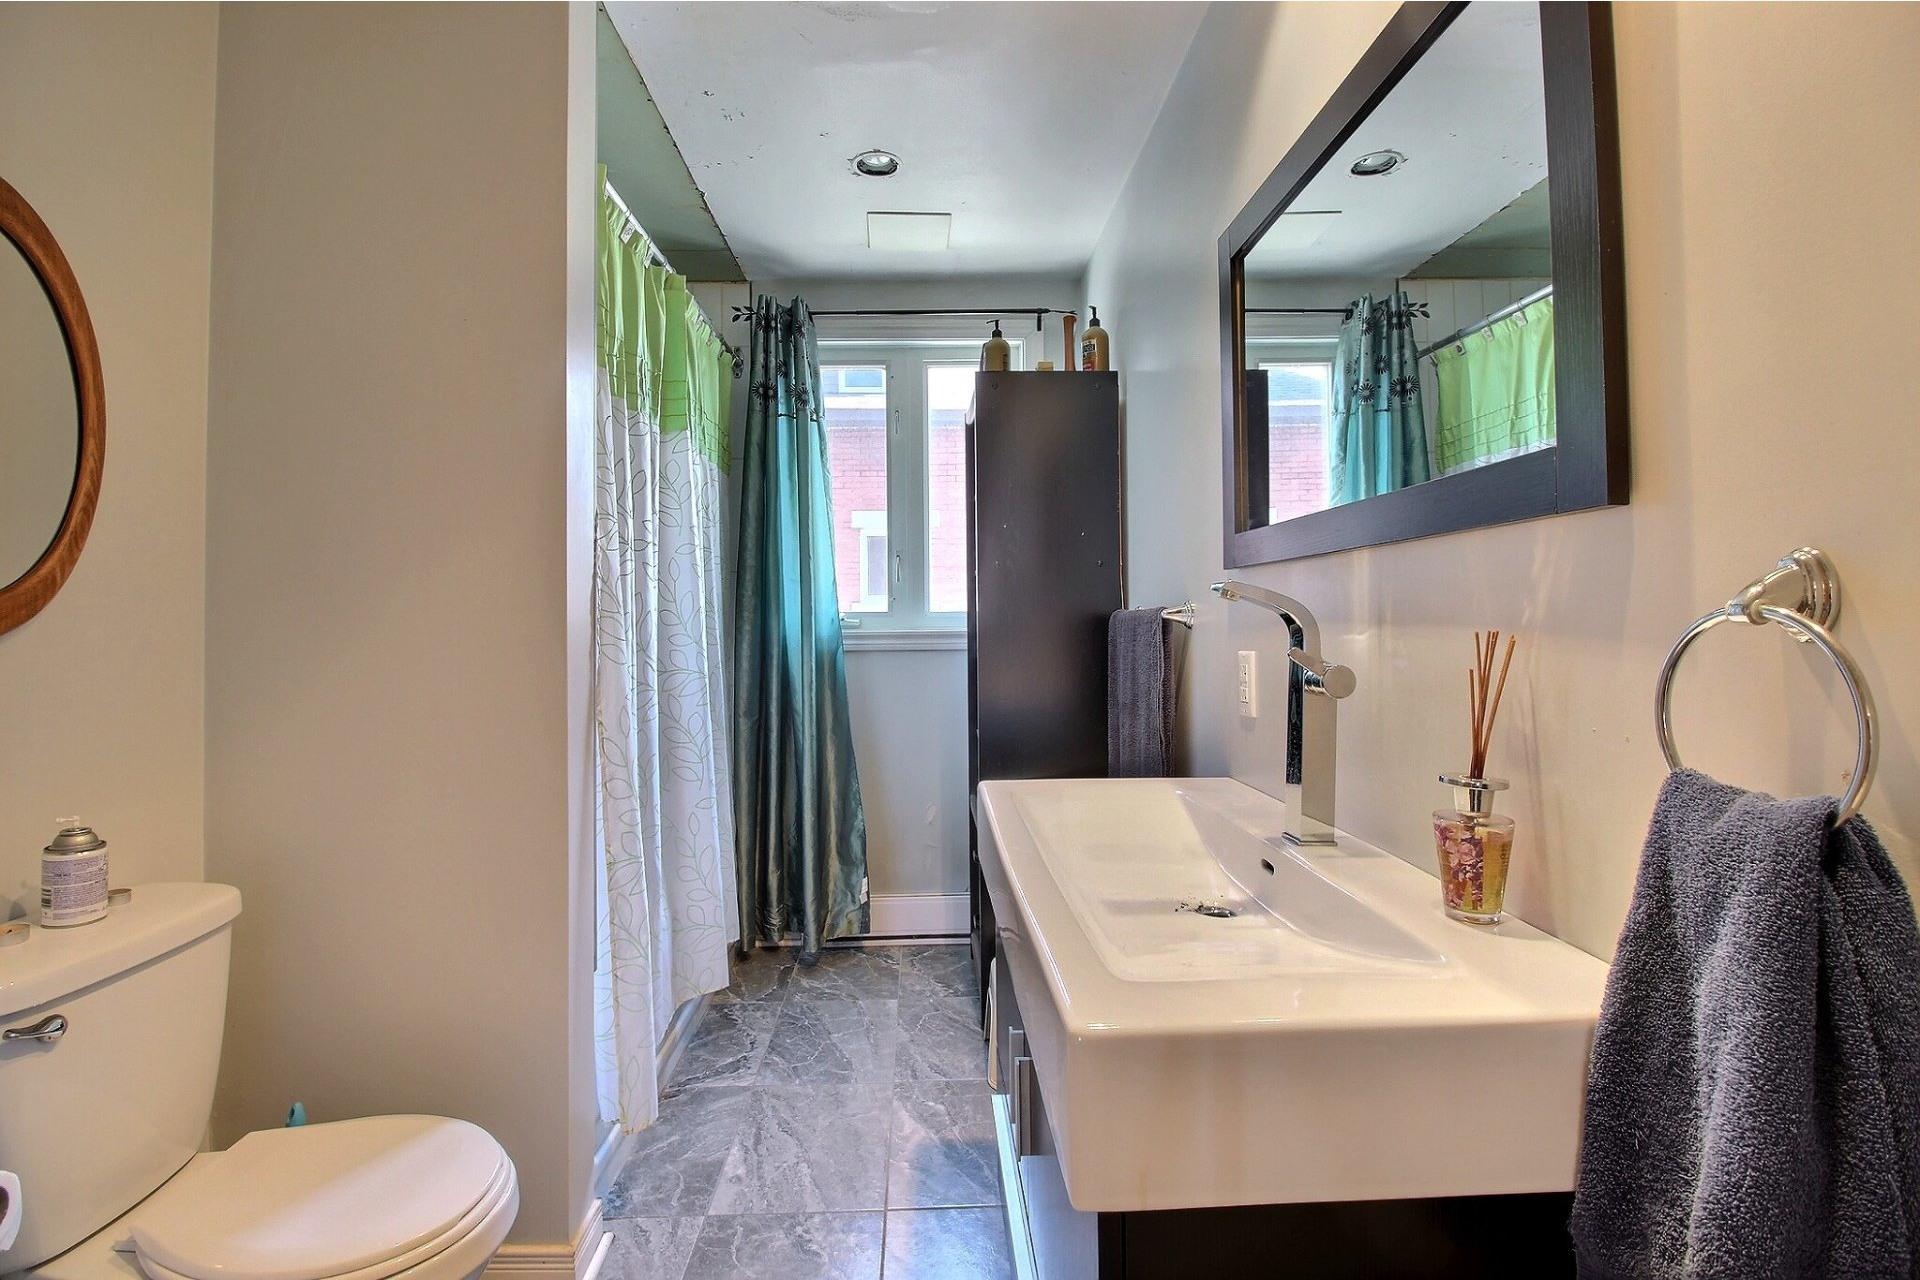 image 25 - Duplex For sale Joliette - 5 rooms